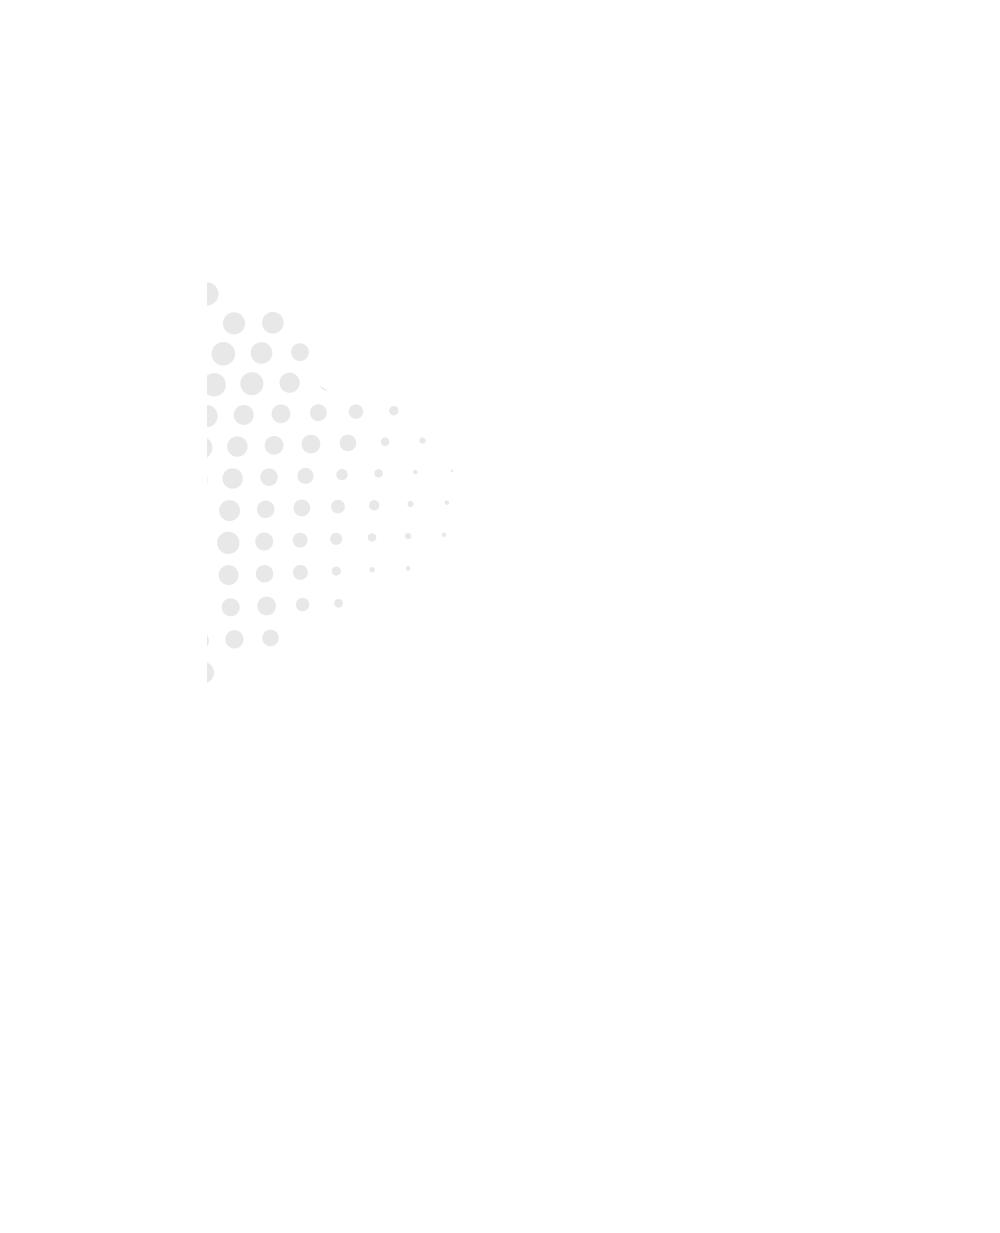 slajd1-tlo3